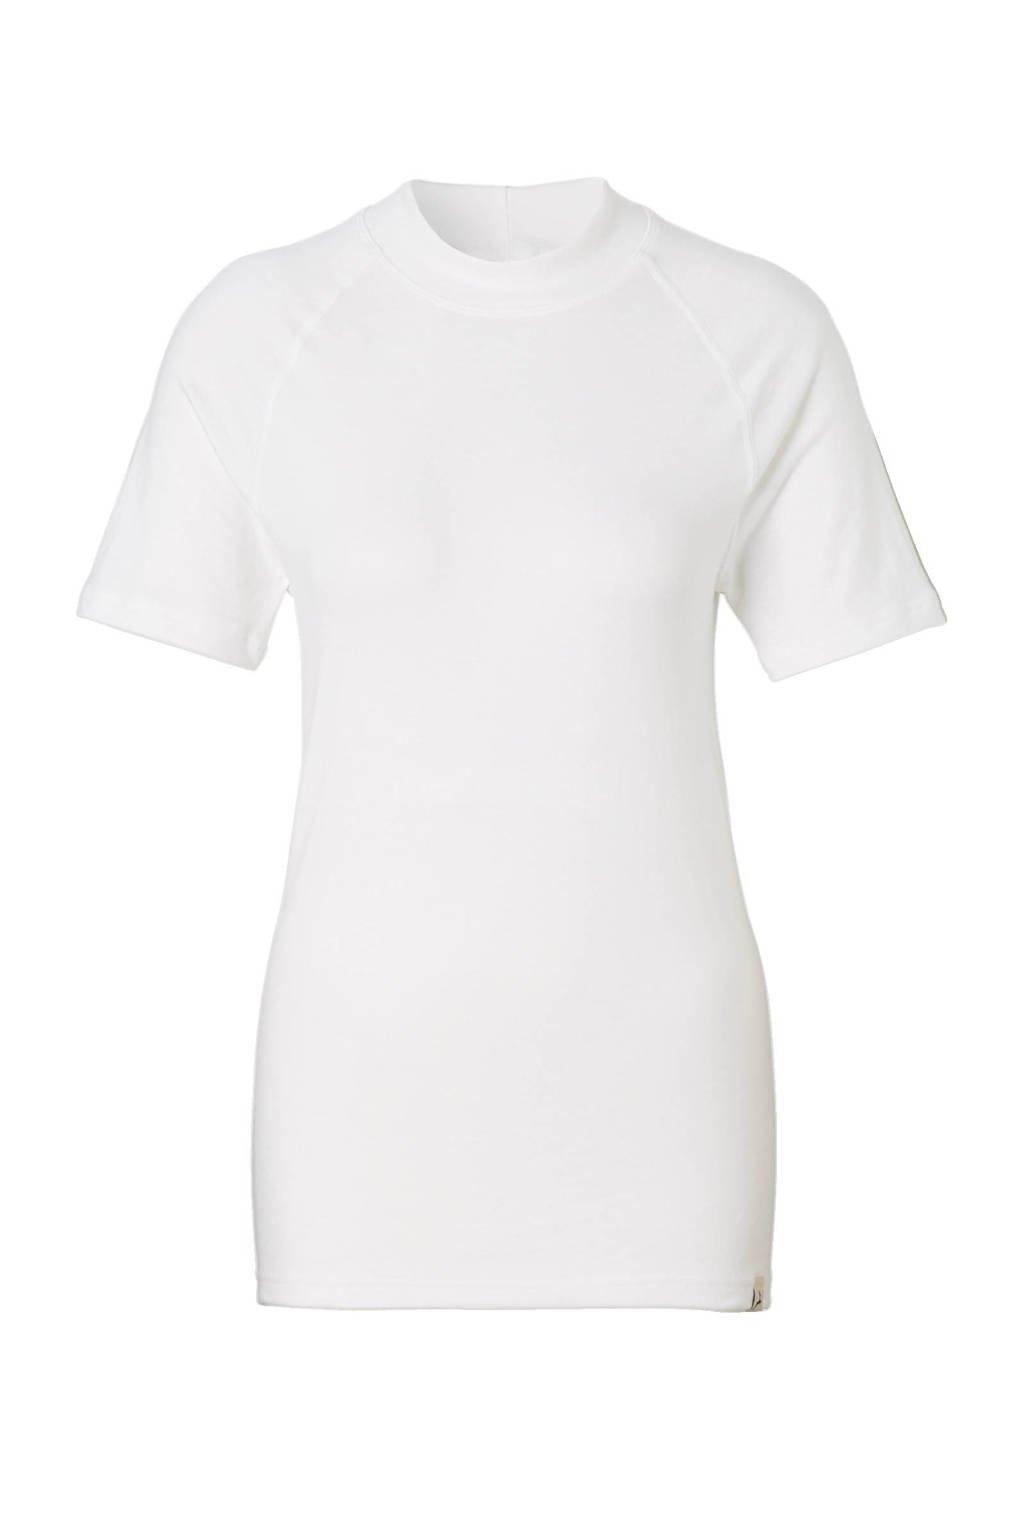 ten Cate thermo T-shirt, Ecru